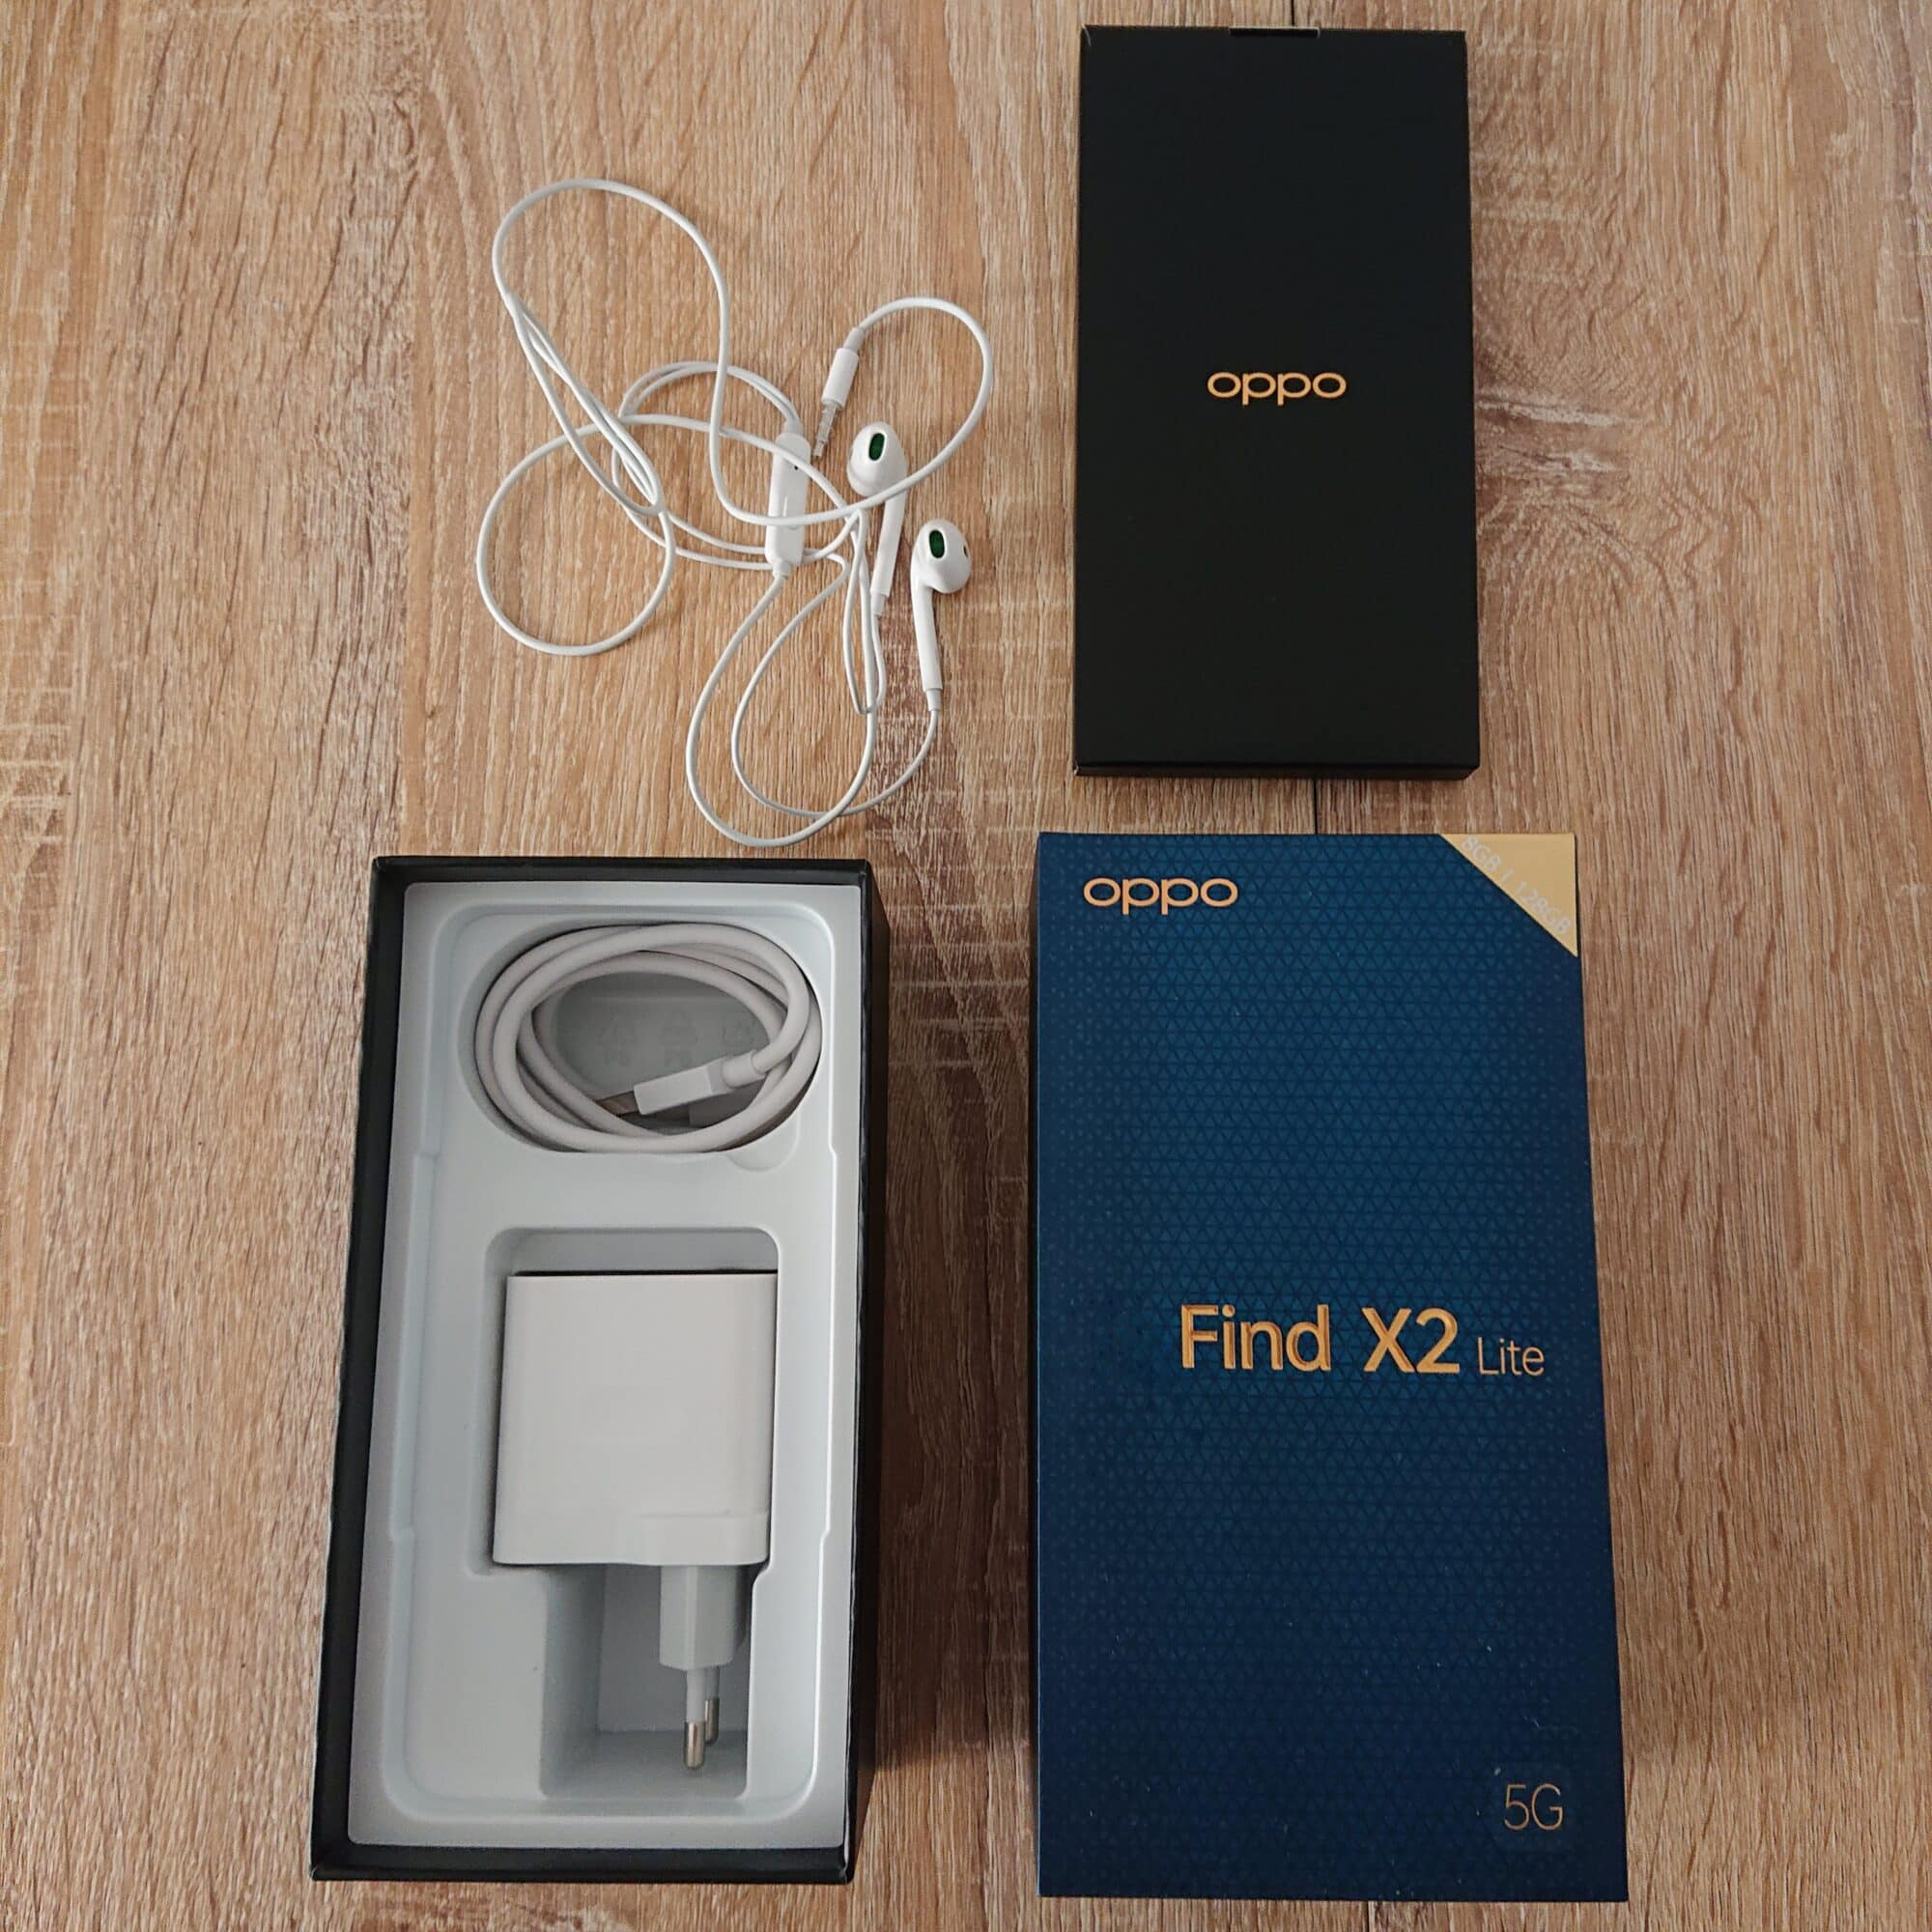 la boîte de l'Oppo Finc X2 Lite